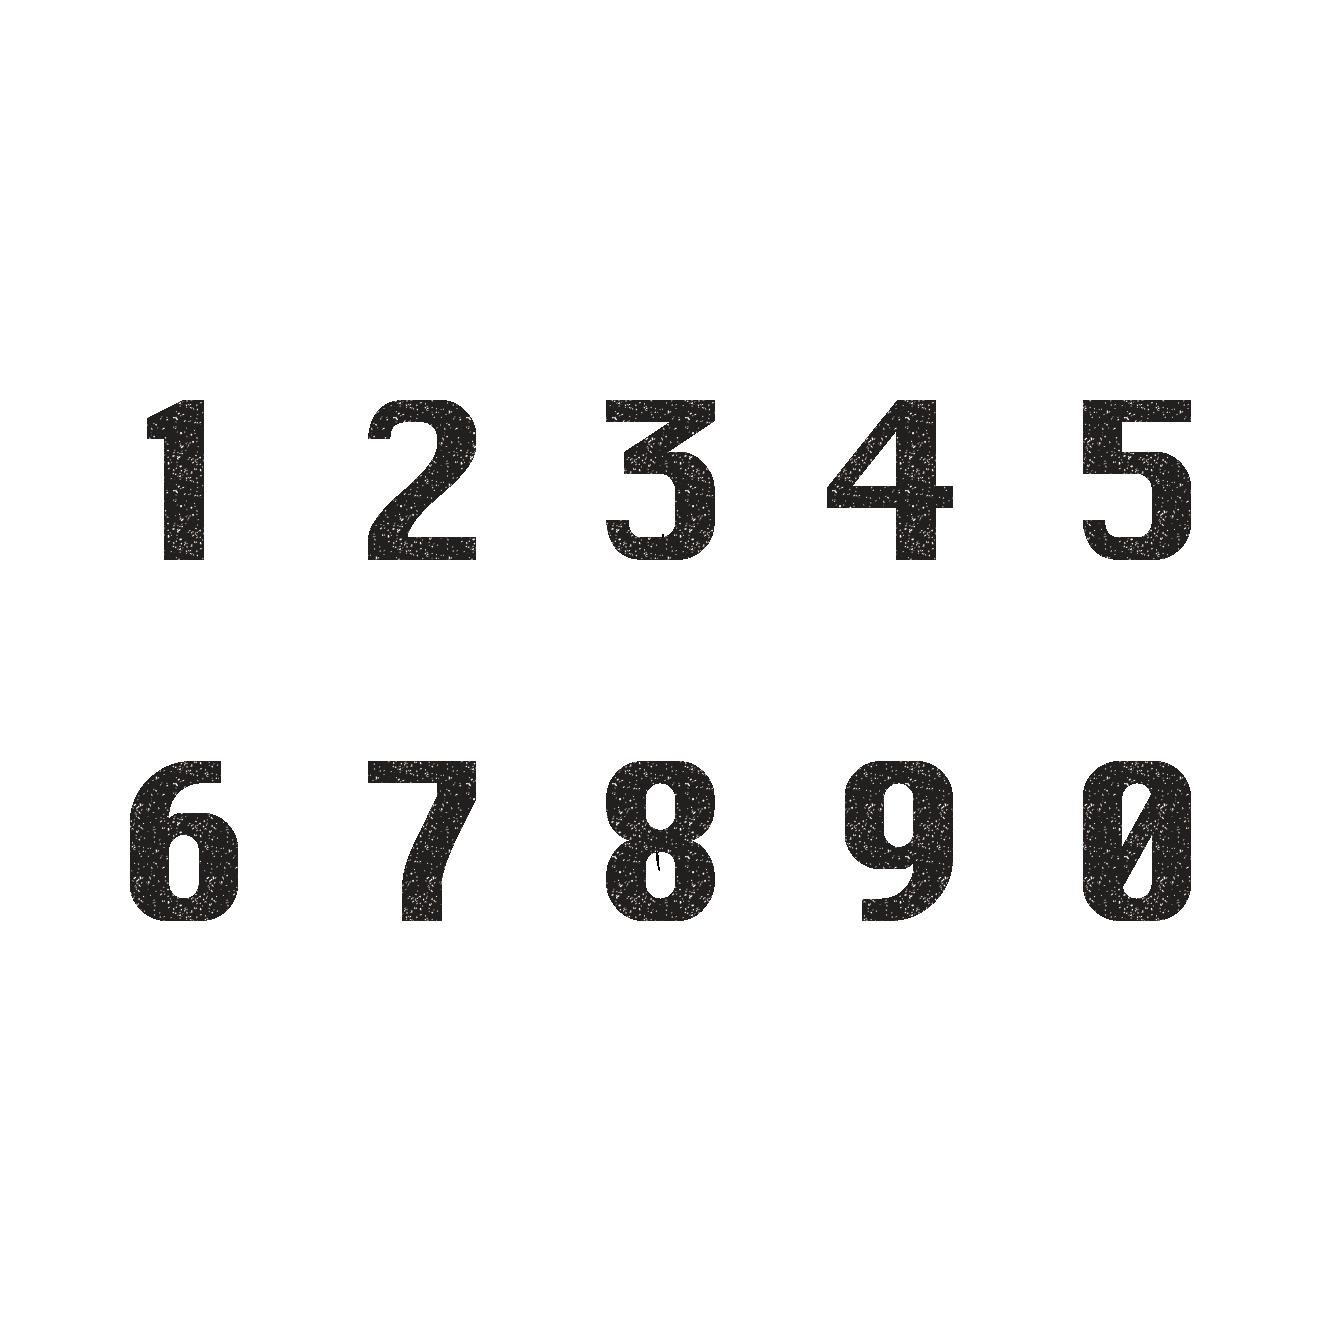 オシャレでカッコイイ数字のスタンプ イラスト   商用フリー(無料)の